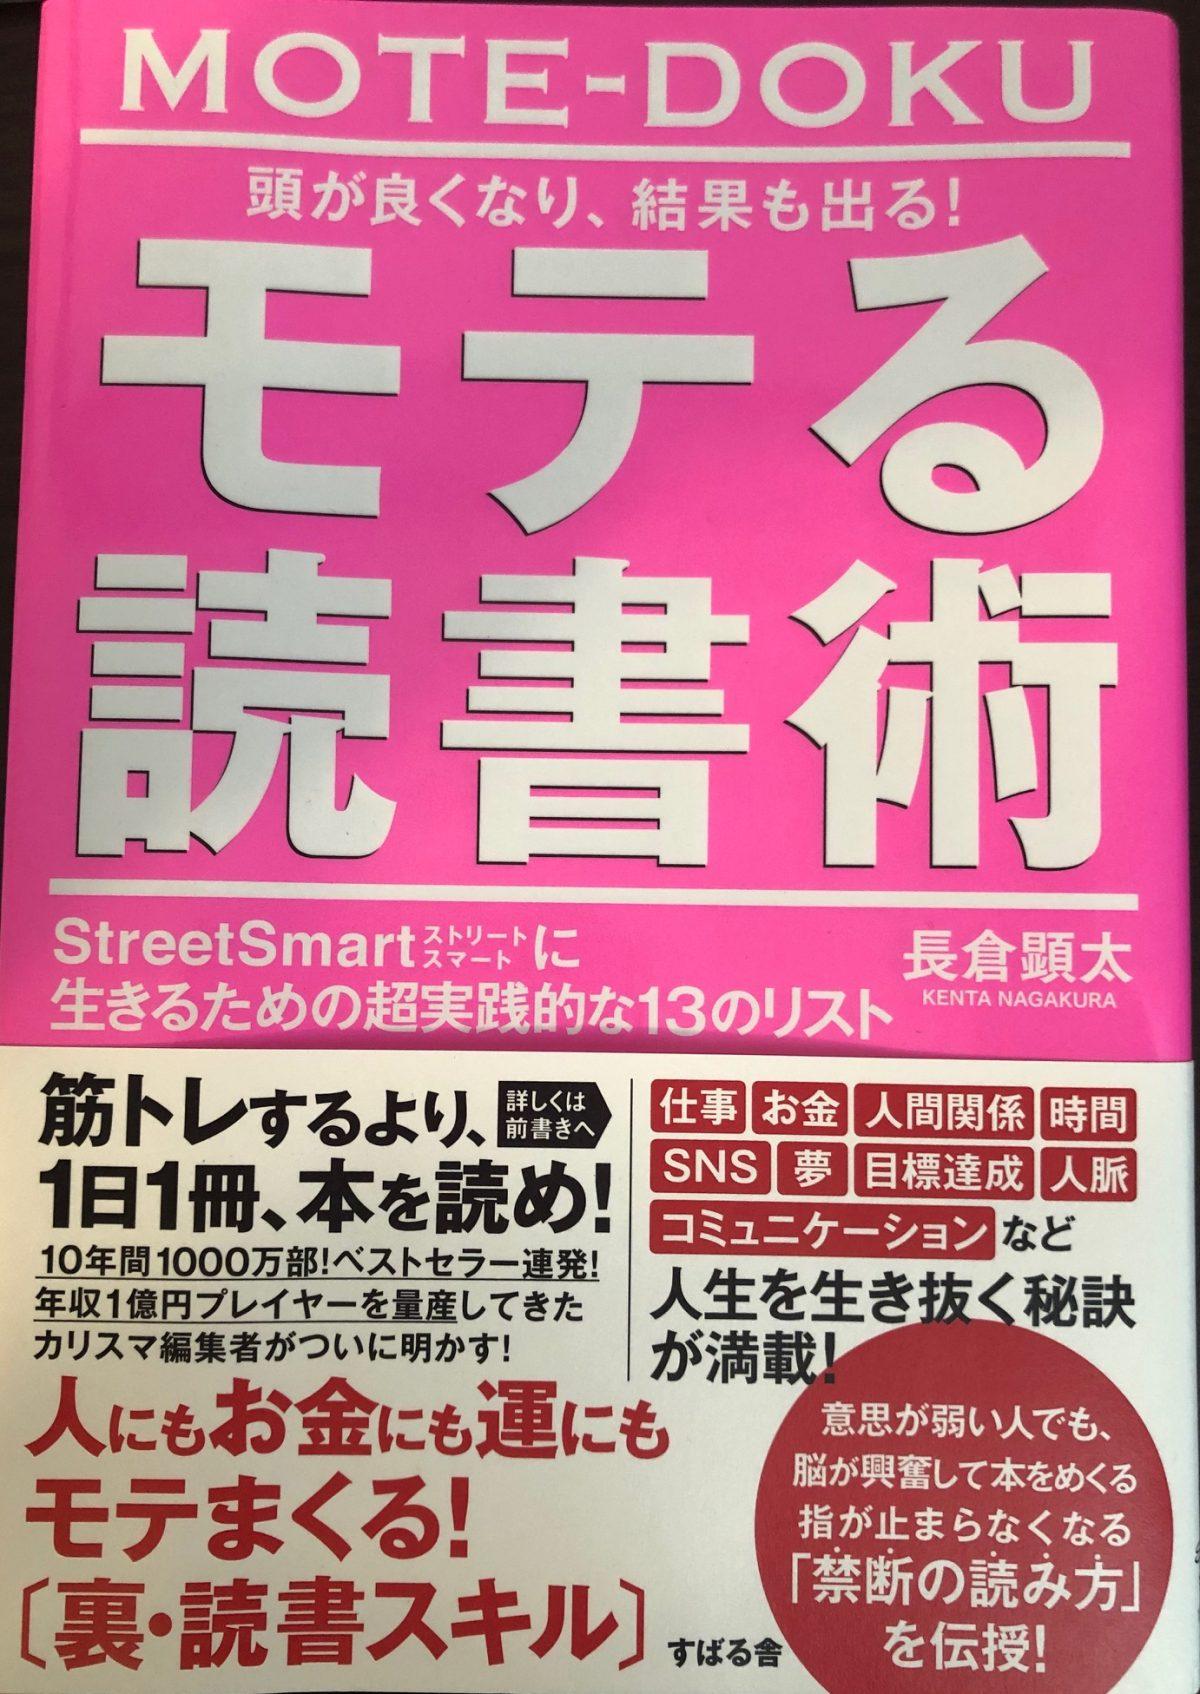 長倉顕太著作「モテる読書術」を読んで